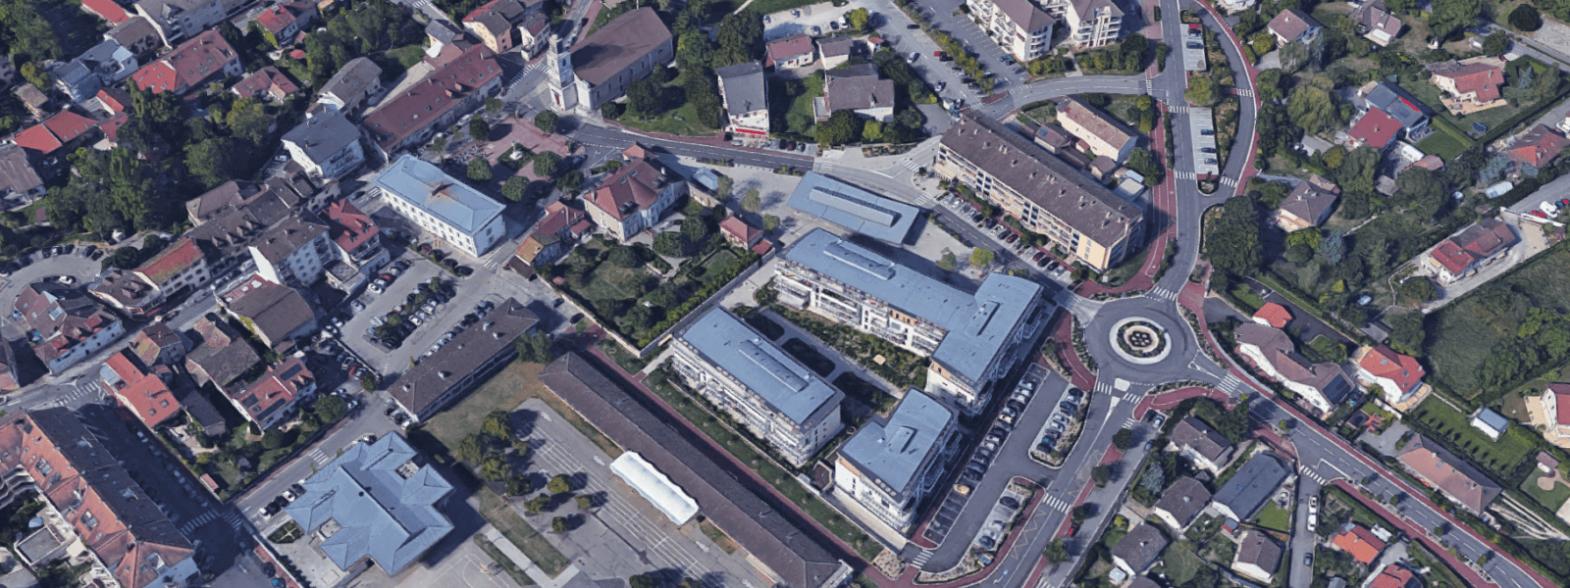 Vue aérienne du site Perdtemps